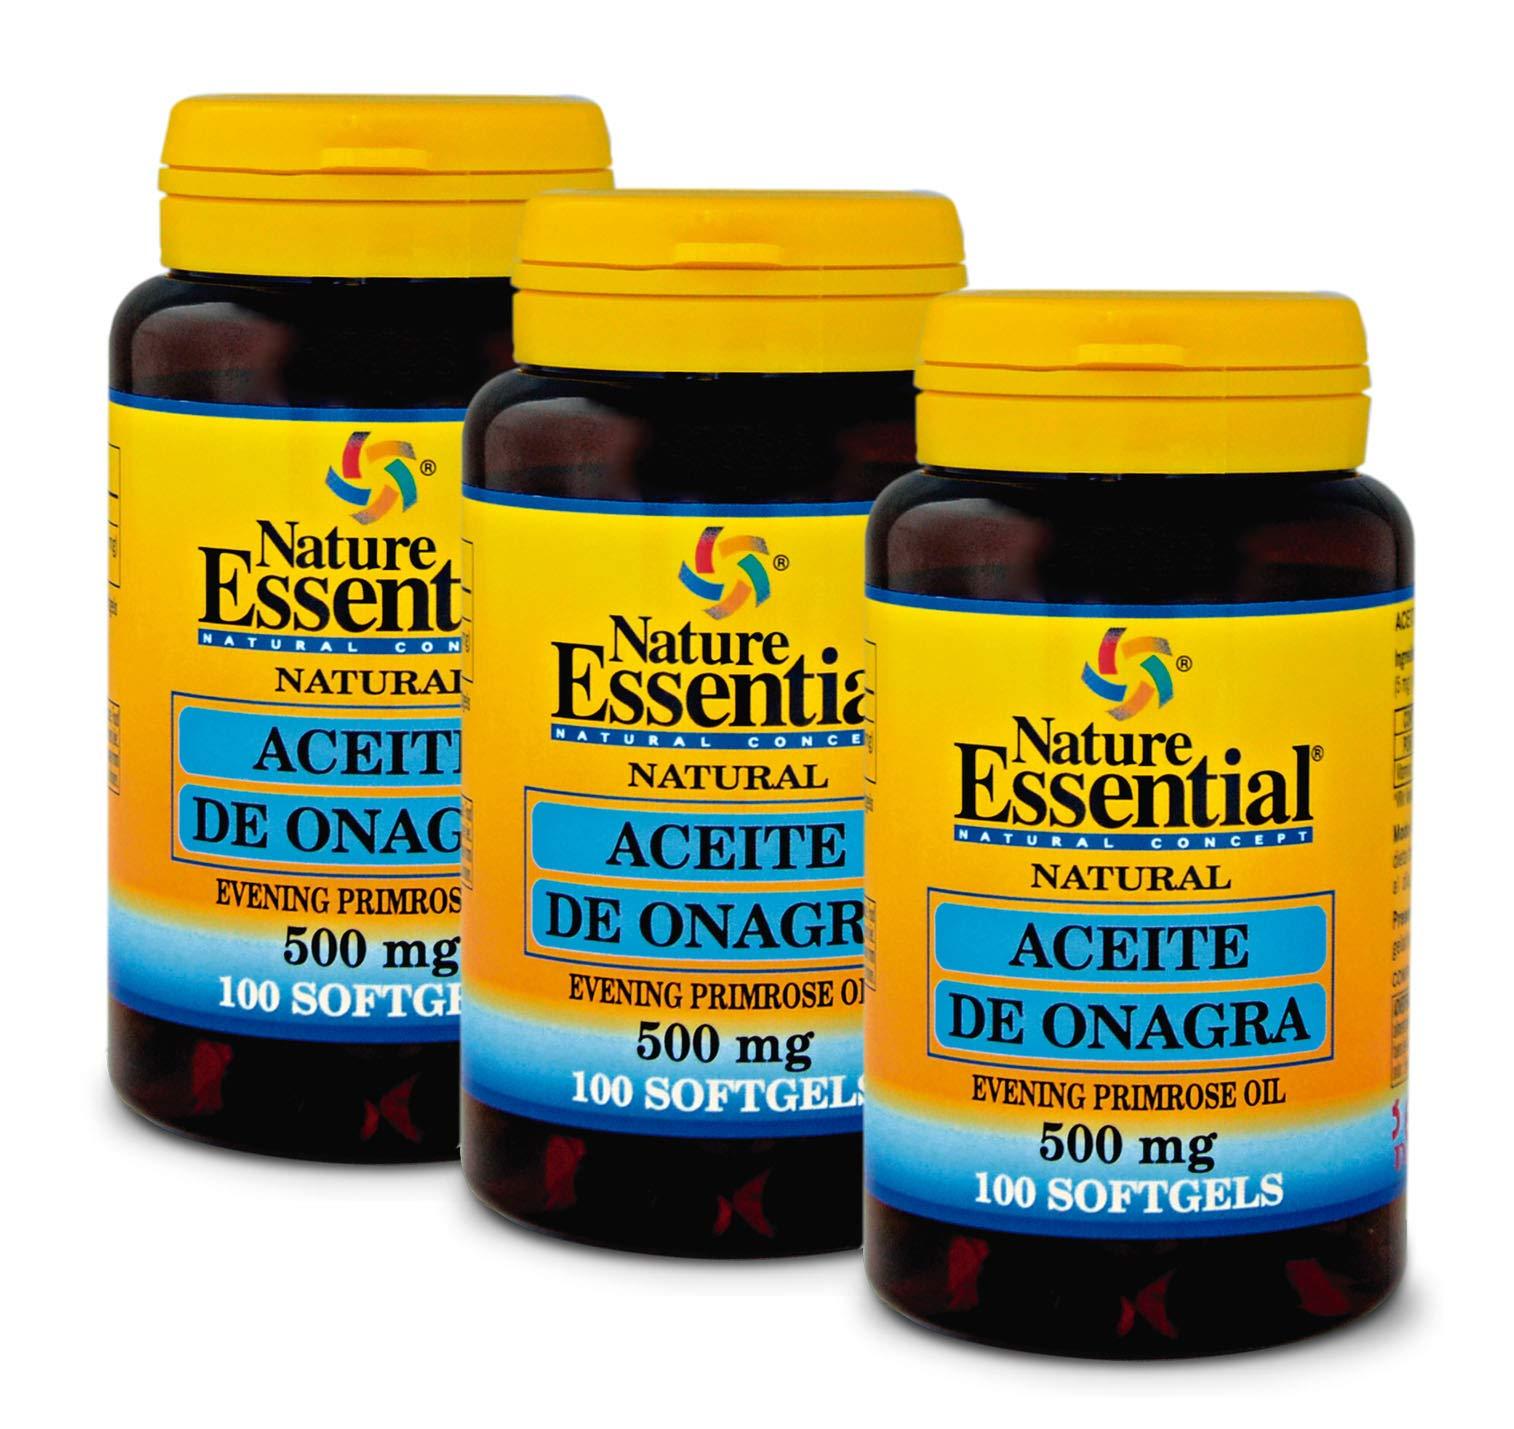 Amazon.es: Nature Essential: Aceite de Onagra 500mg. 100 Cápsulas